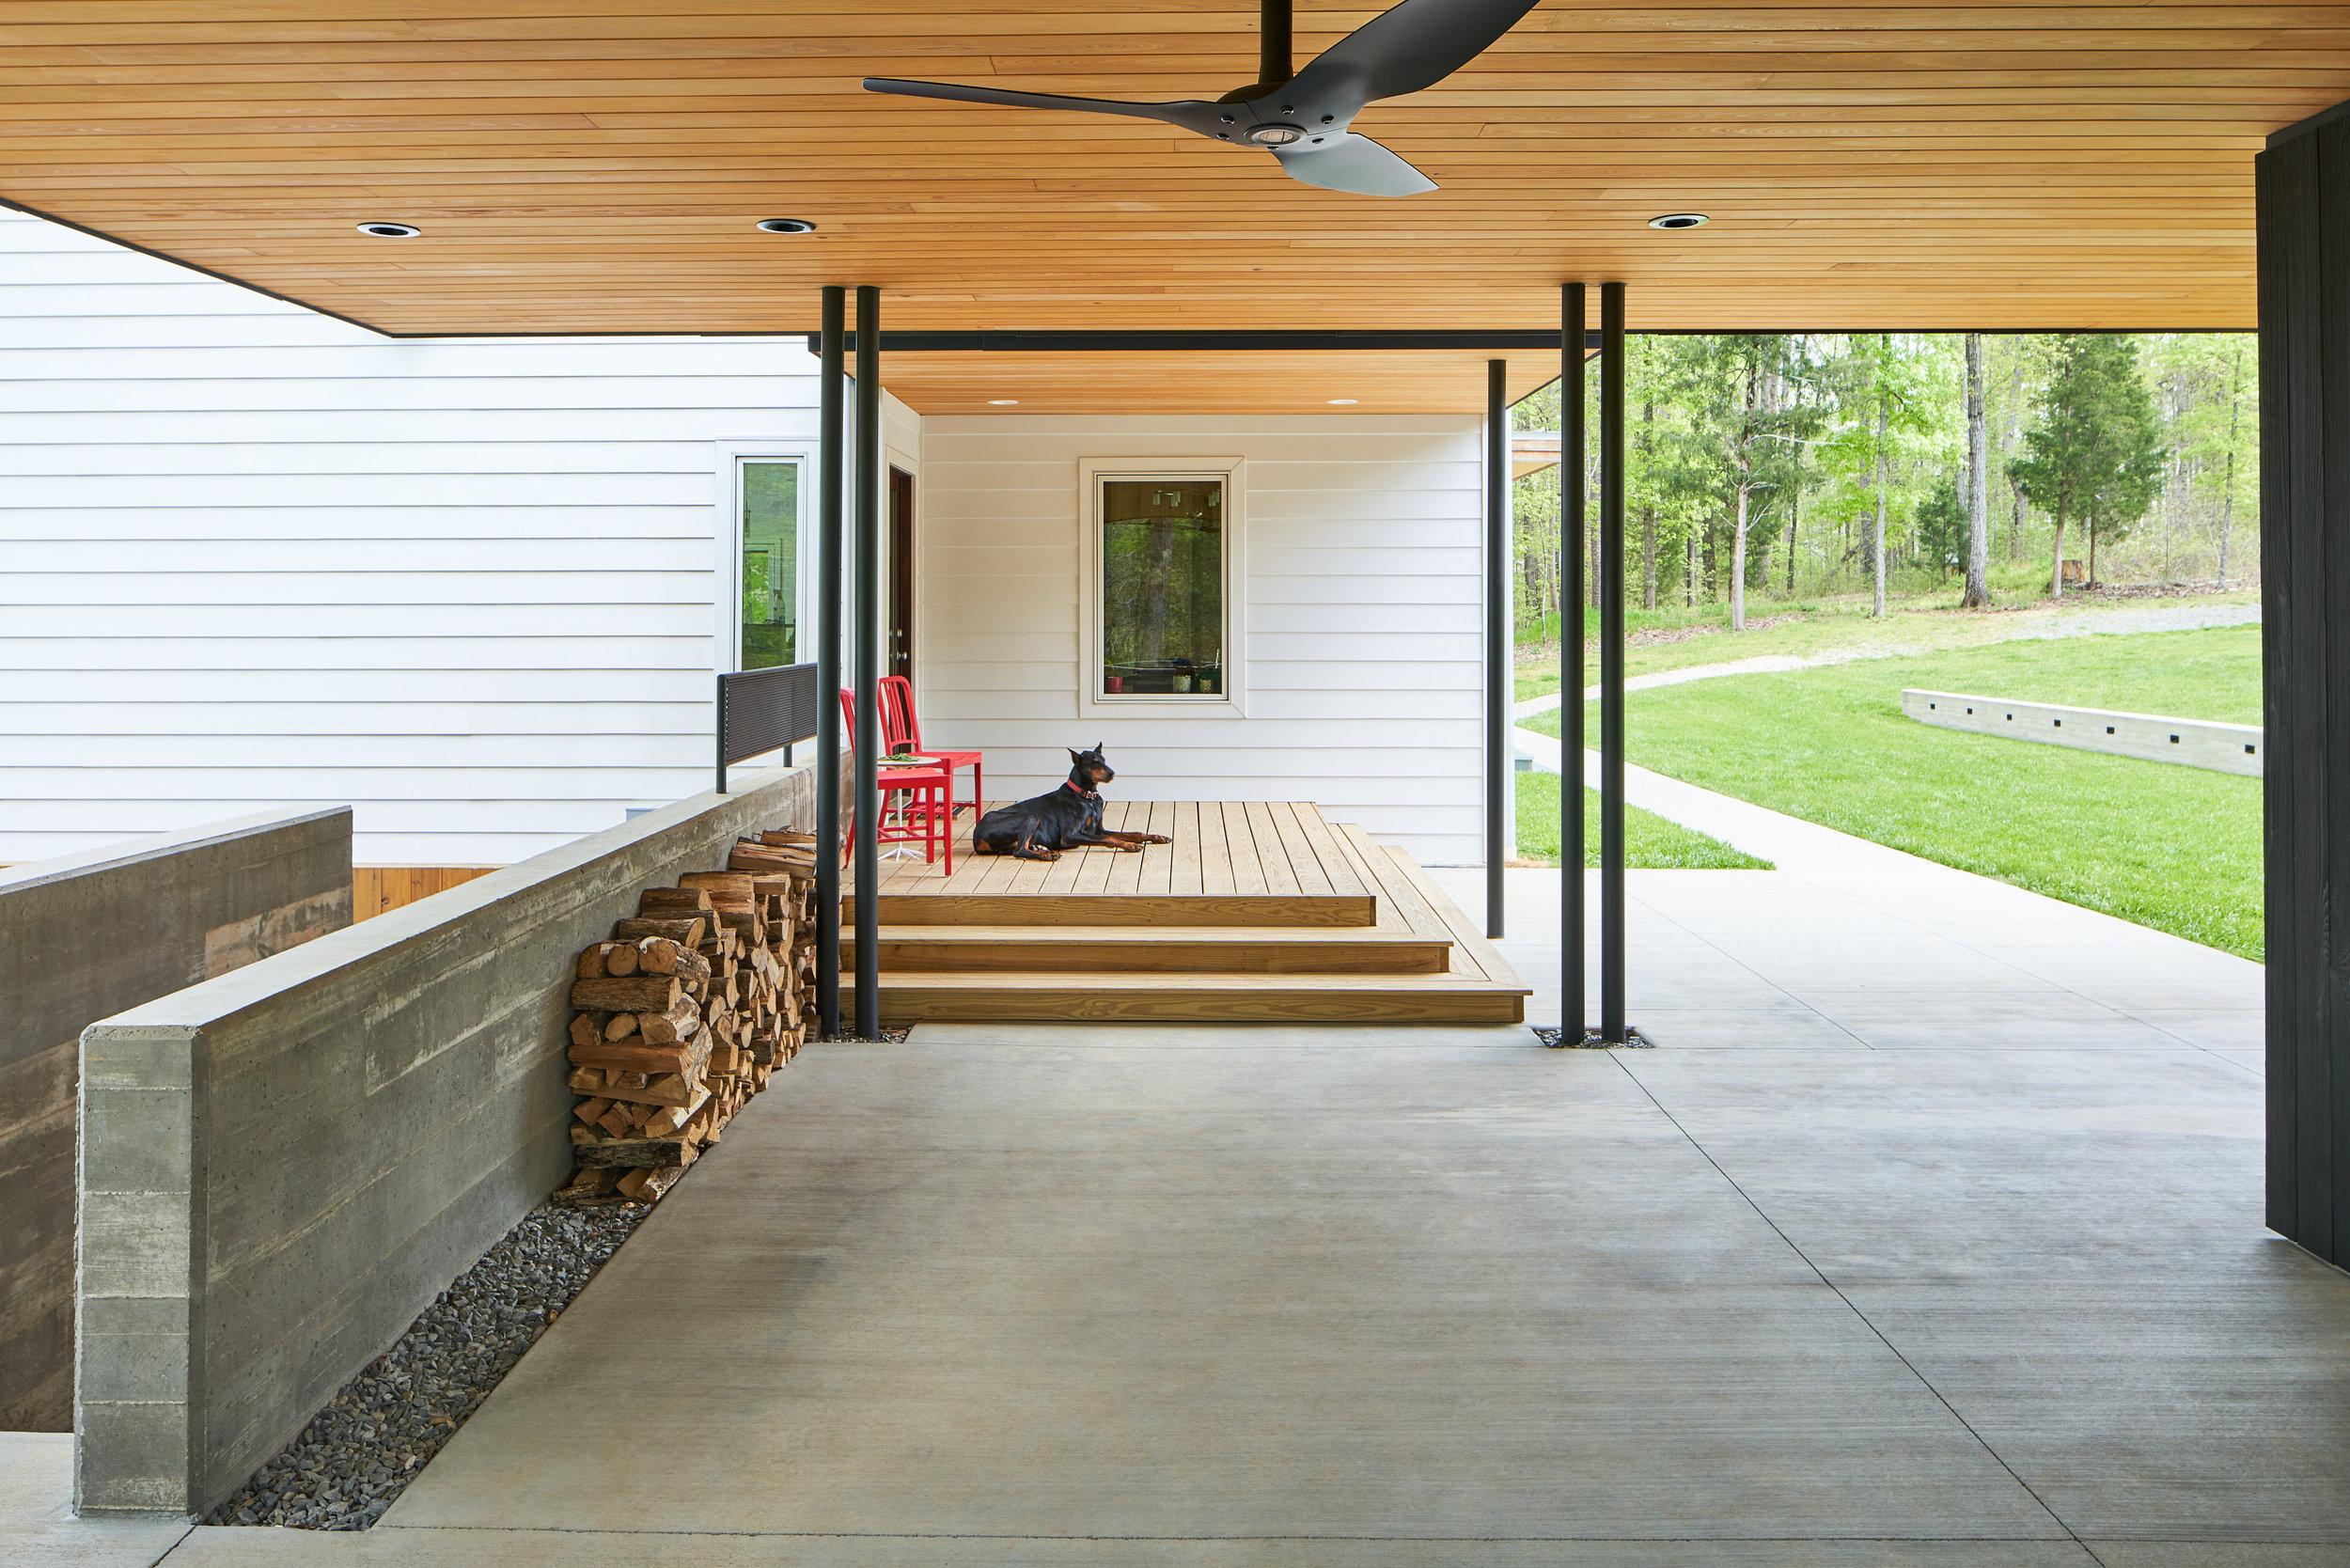 ki_raco_cc pavilion-293 1-web.jpg